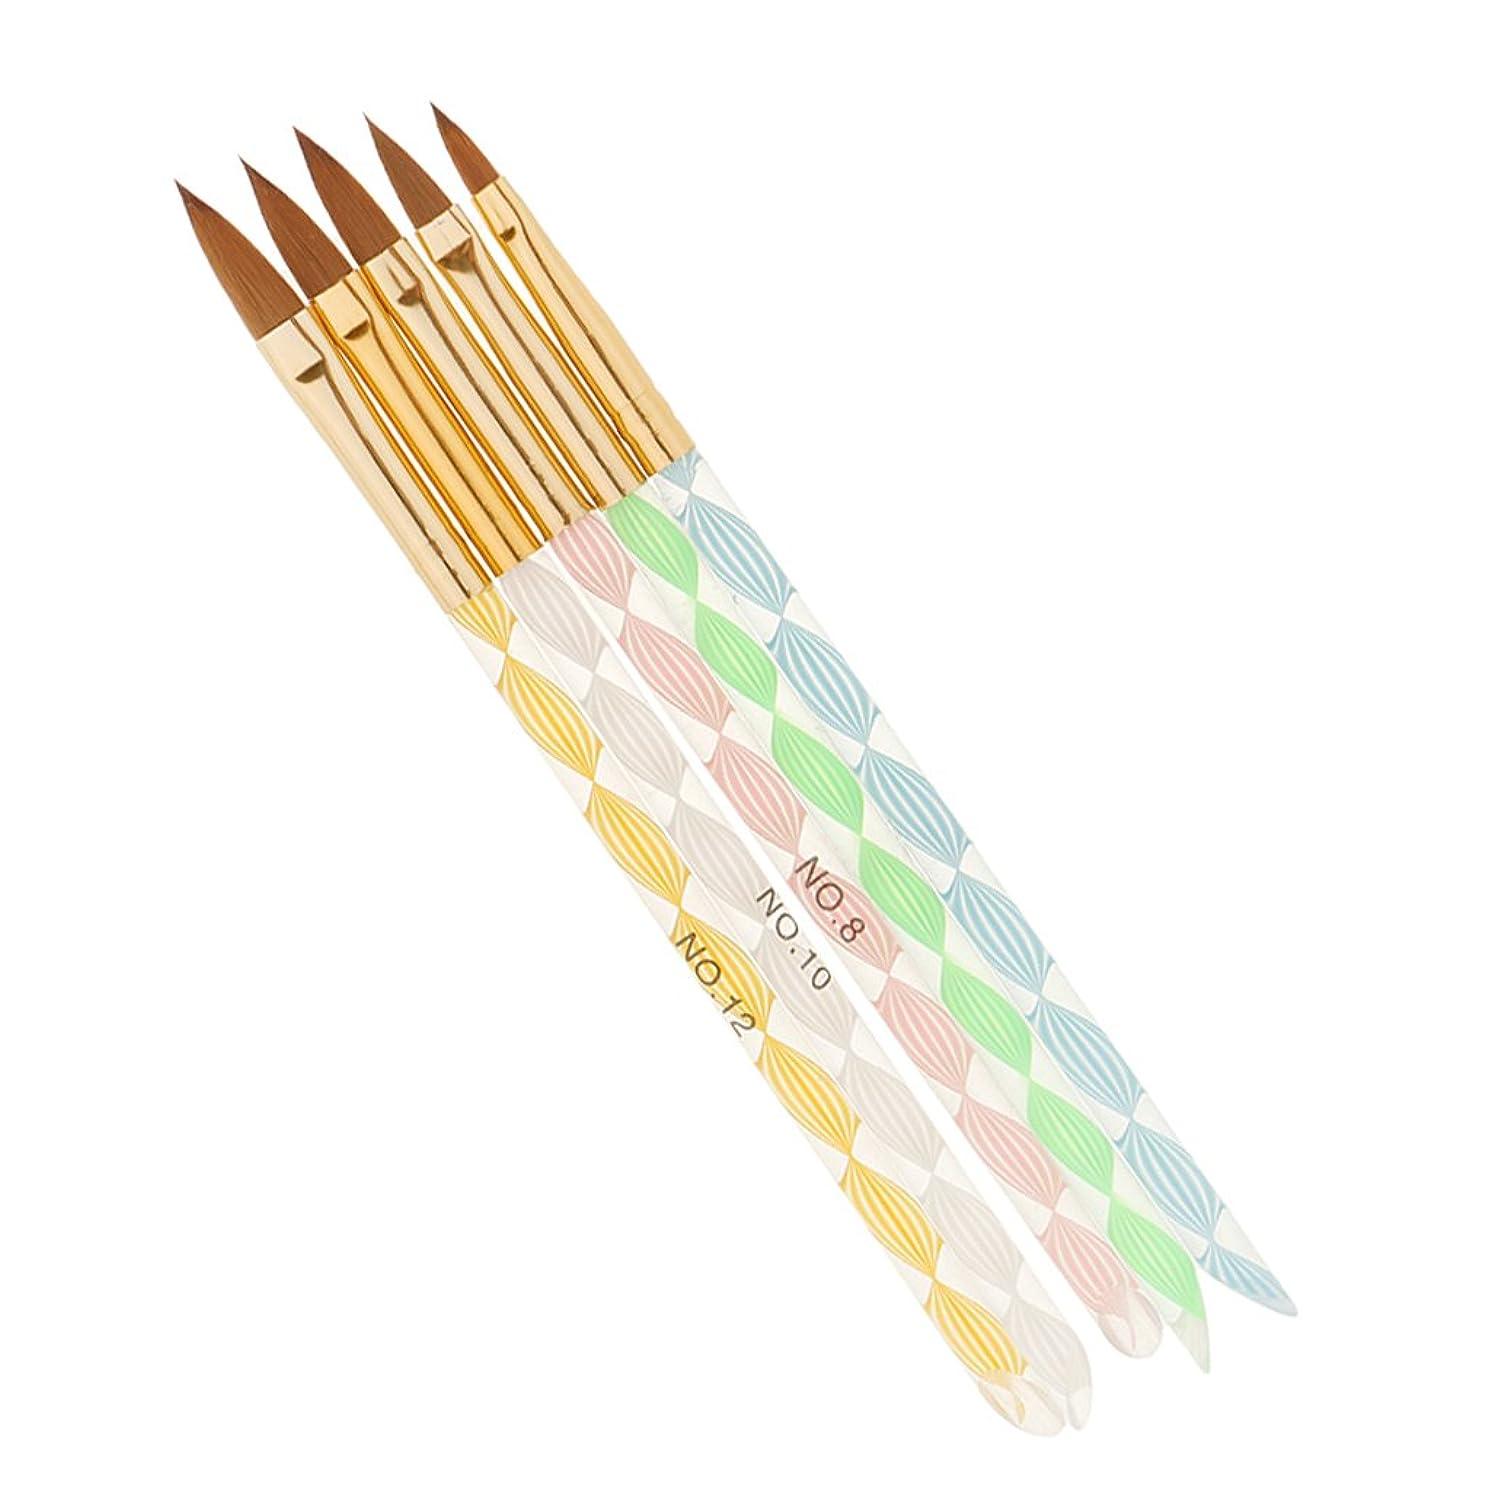 住居ケープ増強Perfk 5本 ネイルアート デザイン ブラシキット マニキュアツール 絵画 描画 磨き ブラシ